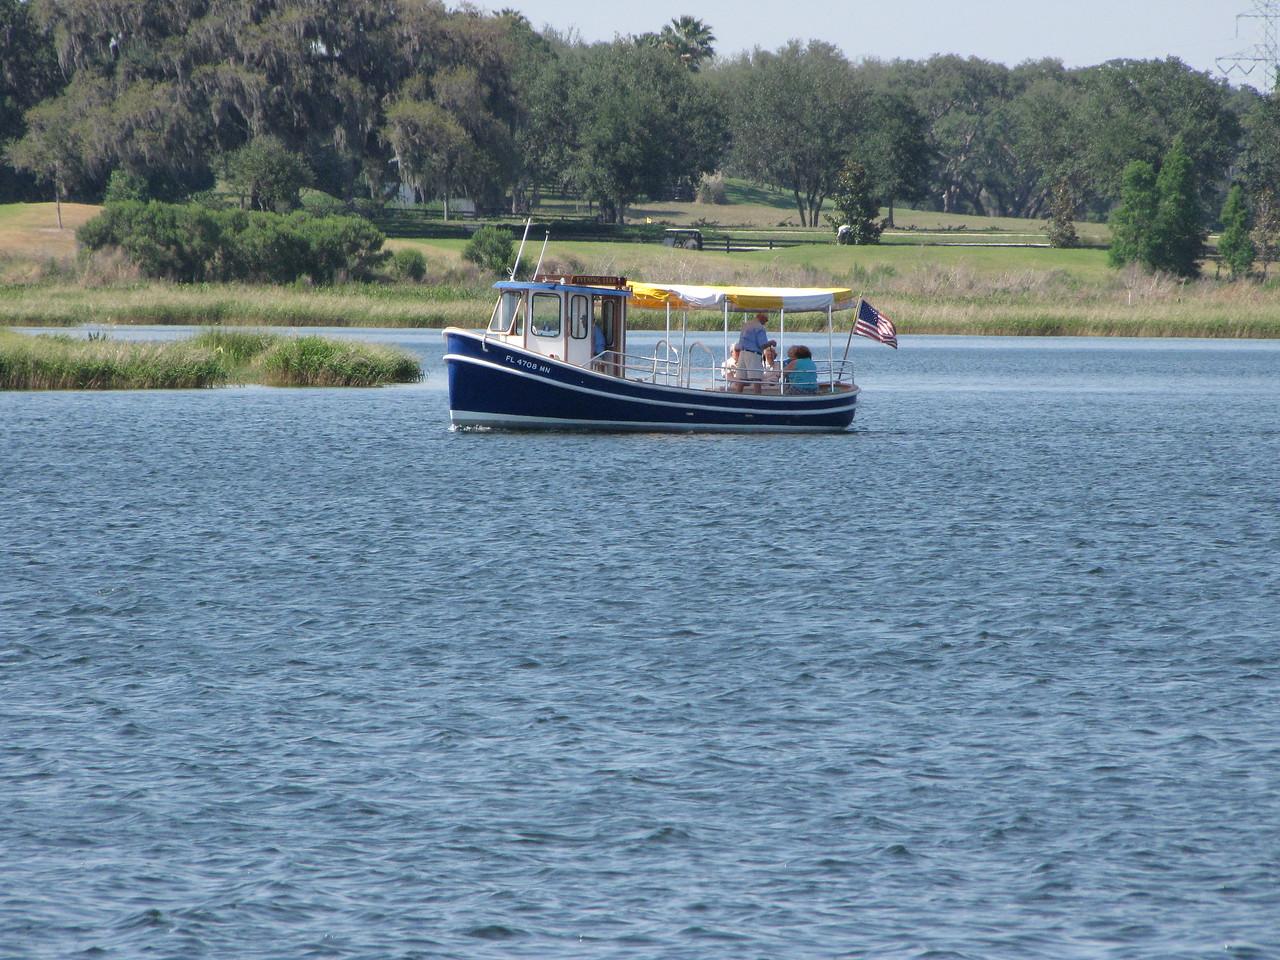 Lake Sumter tour boat cruising around Lake Sumter.